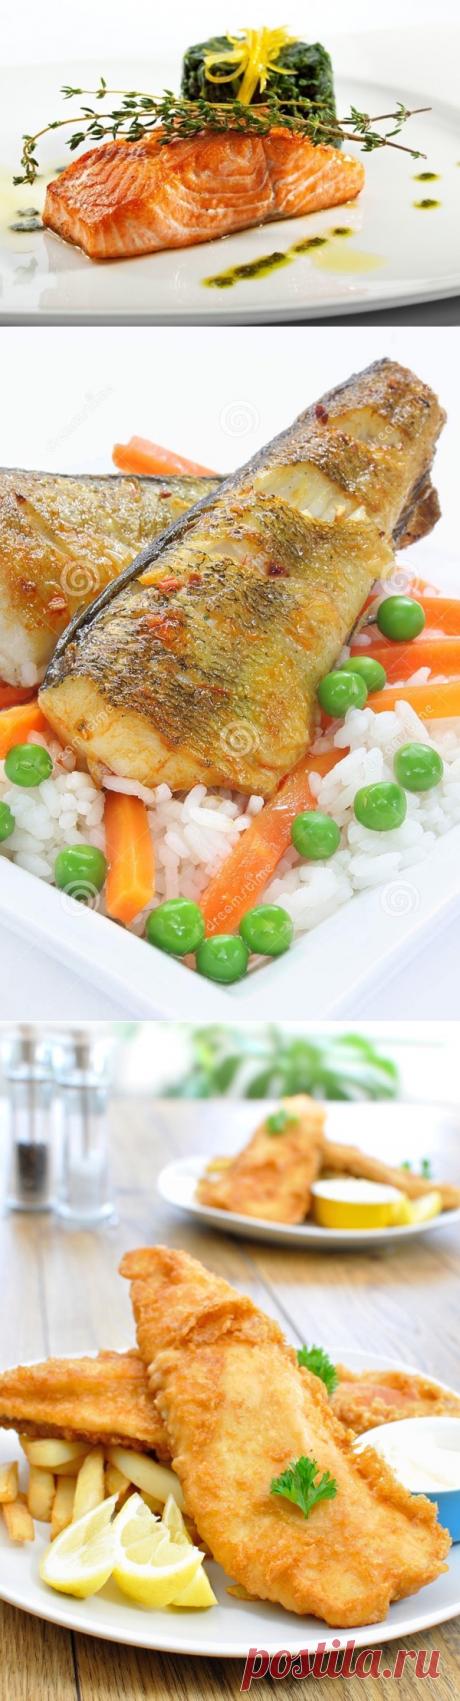 Как приготовить рыбу в мультиварке? 13 потрясающих рецептов | Блог elisheva.ru